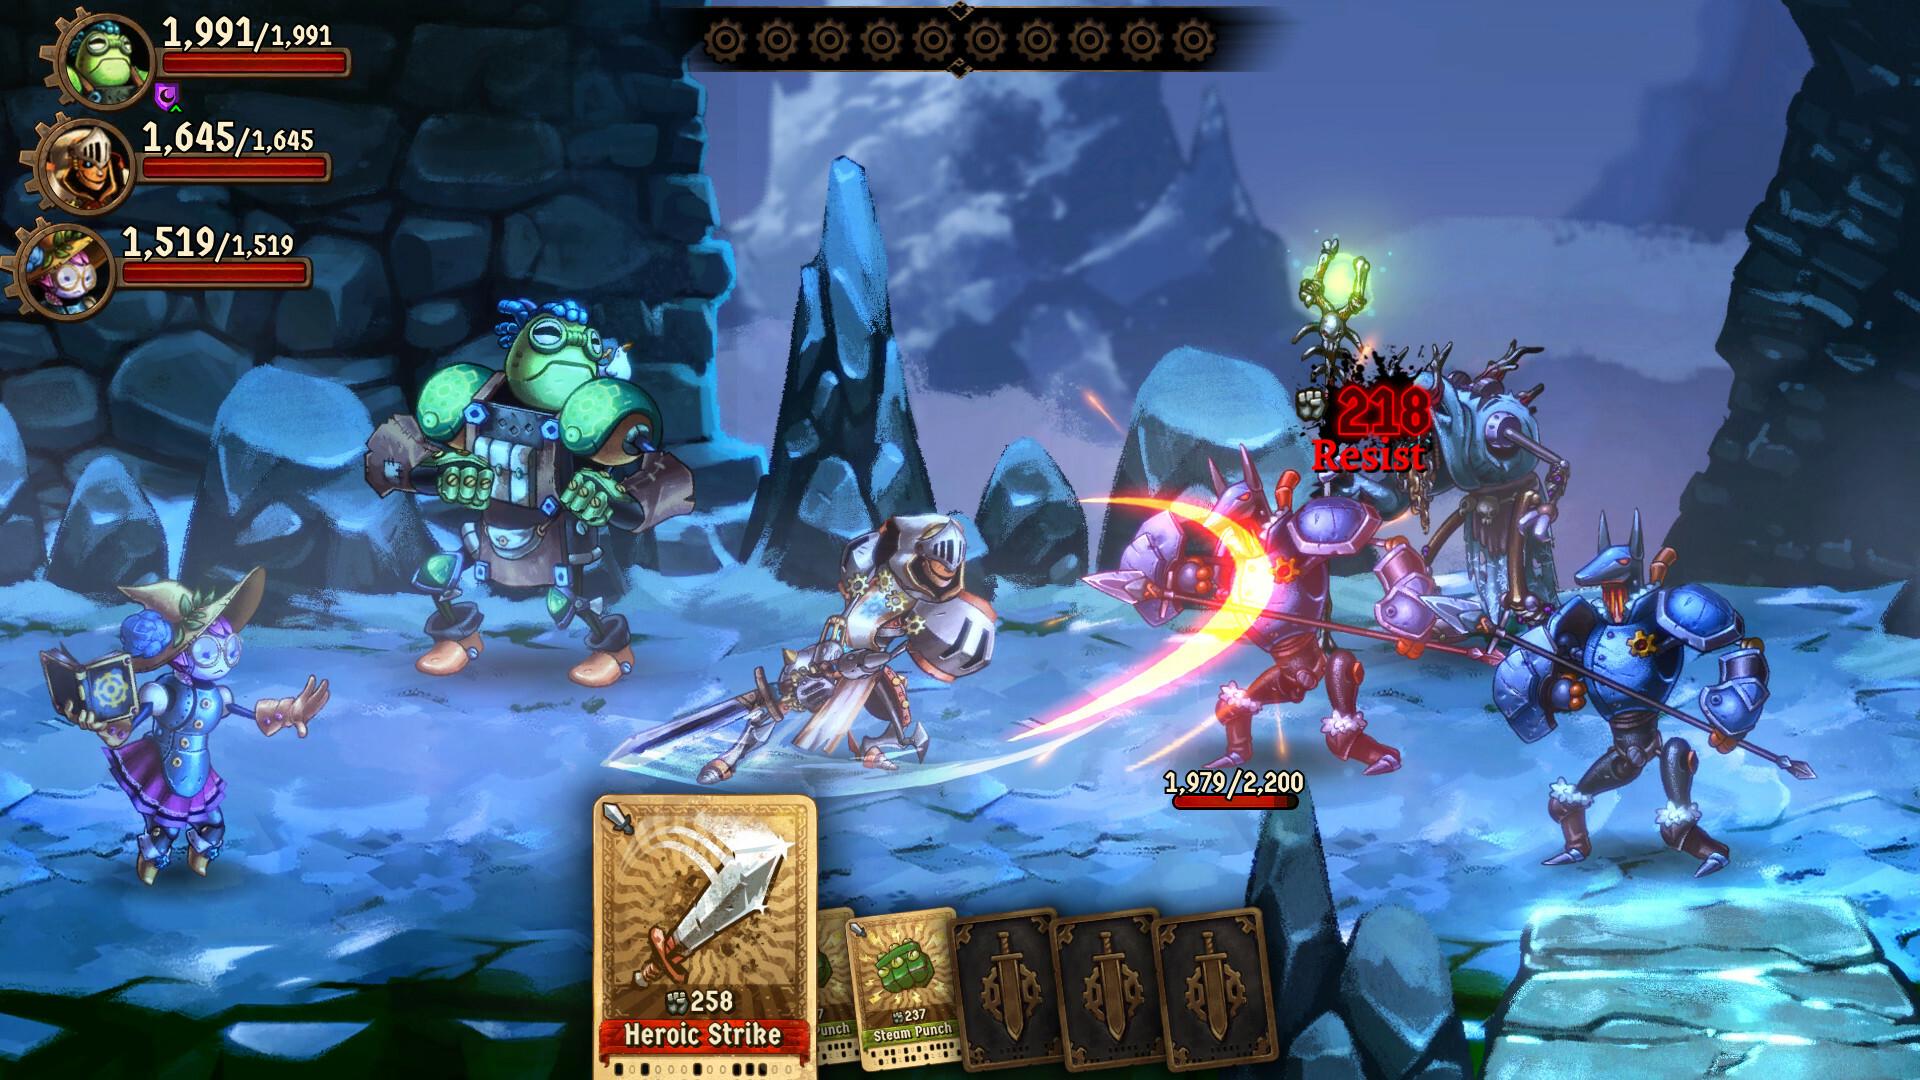 SteamWorld Quest: Hand of Gilgamech screenshot 1